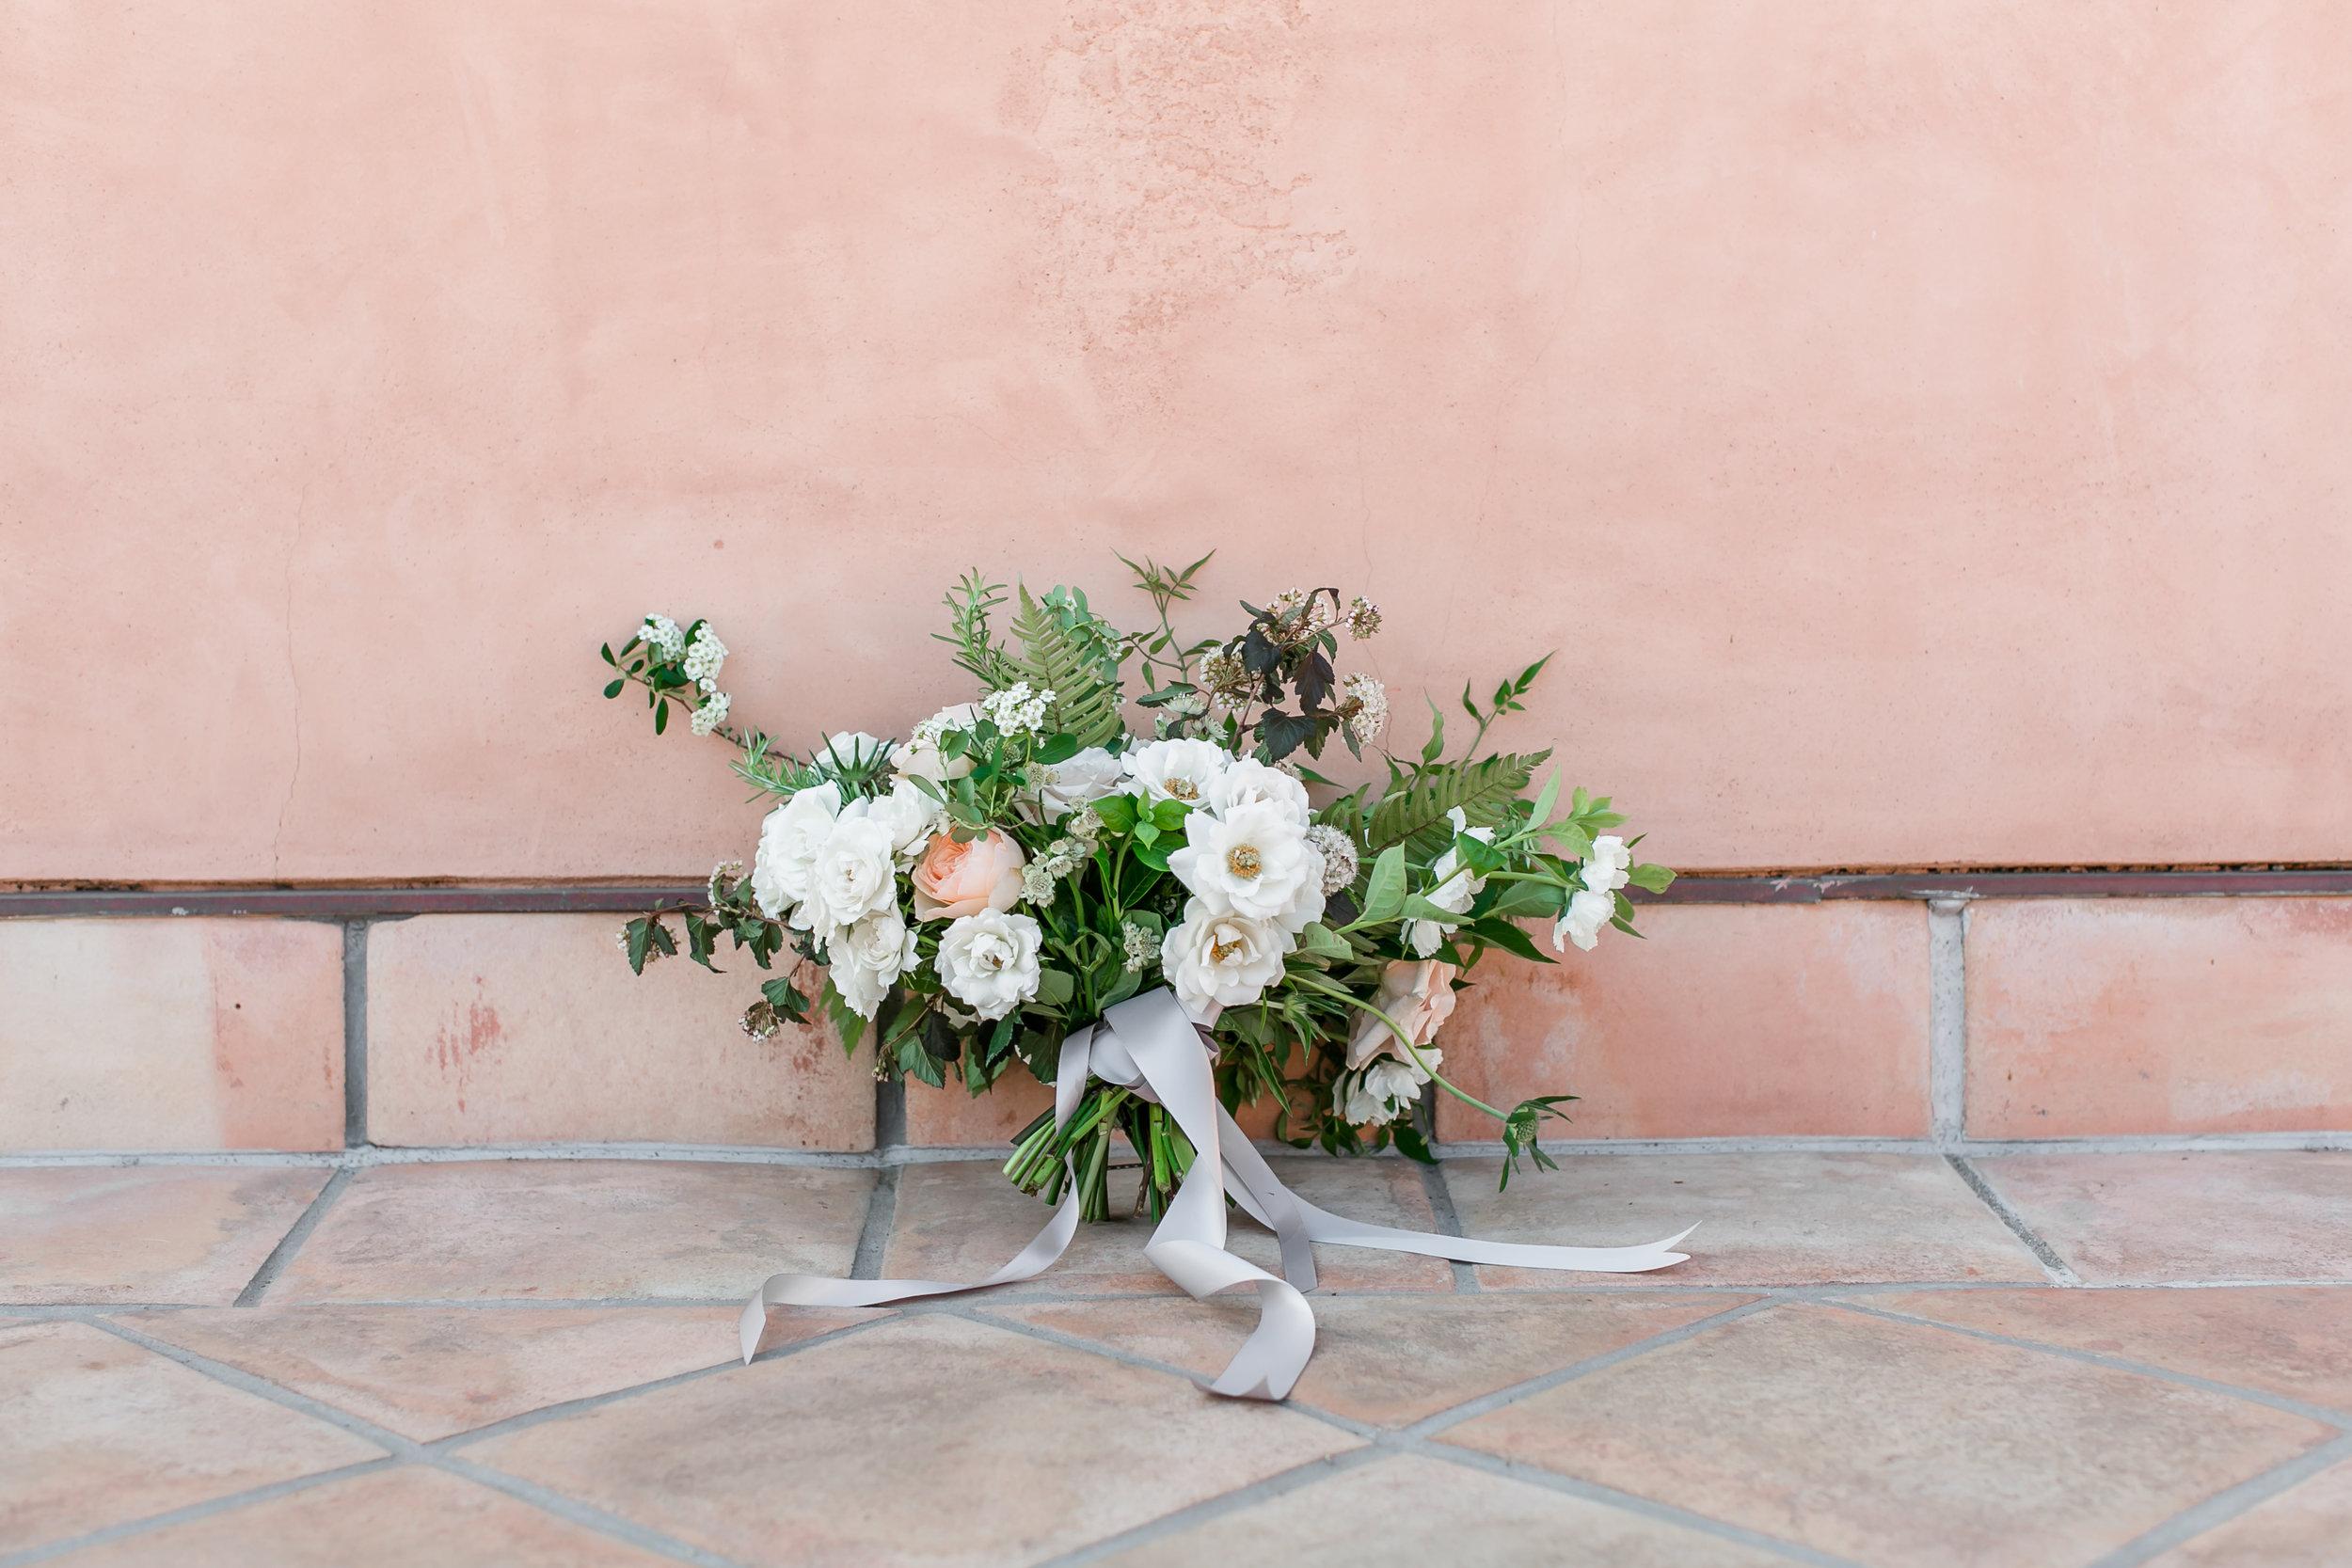 Julie_Ferneau-blooms-rancho-valencia-ribeau-wedding-rancho-santa-fe-luxury-garden-wedding-12.jpg